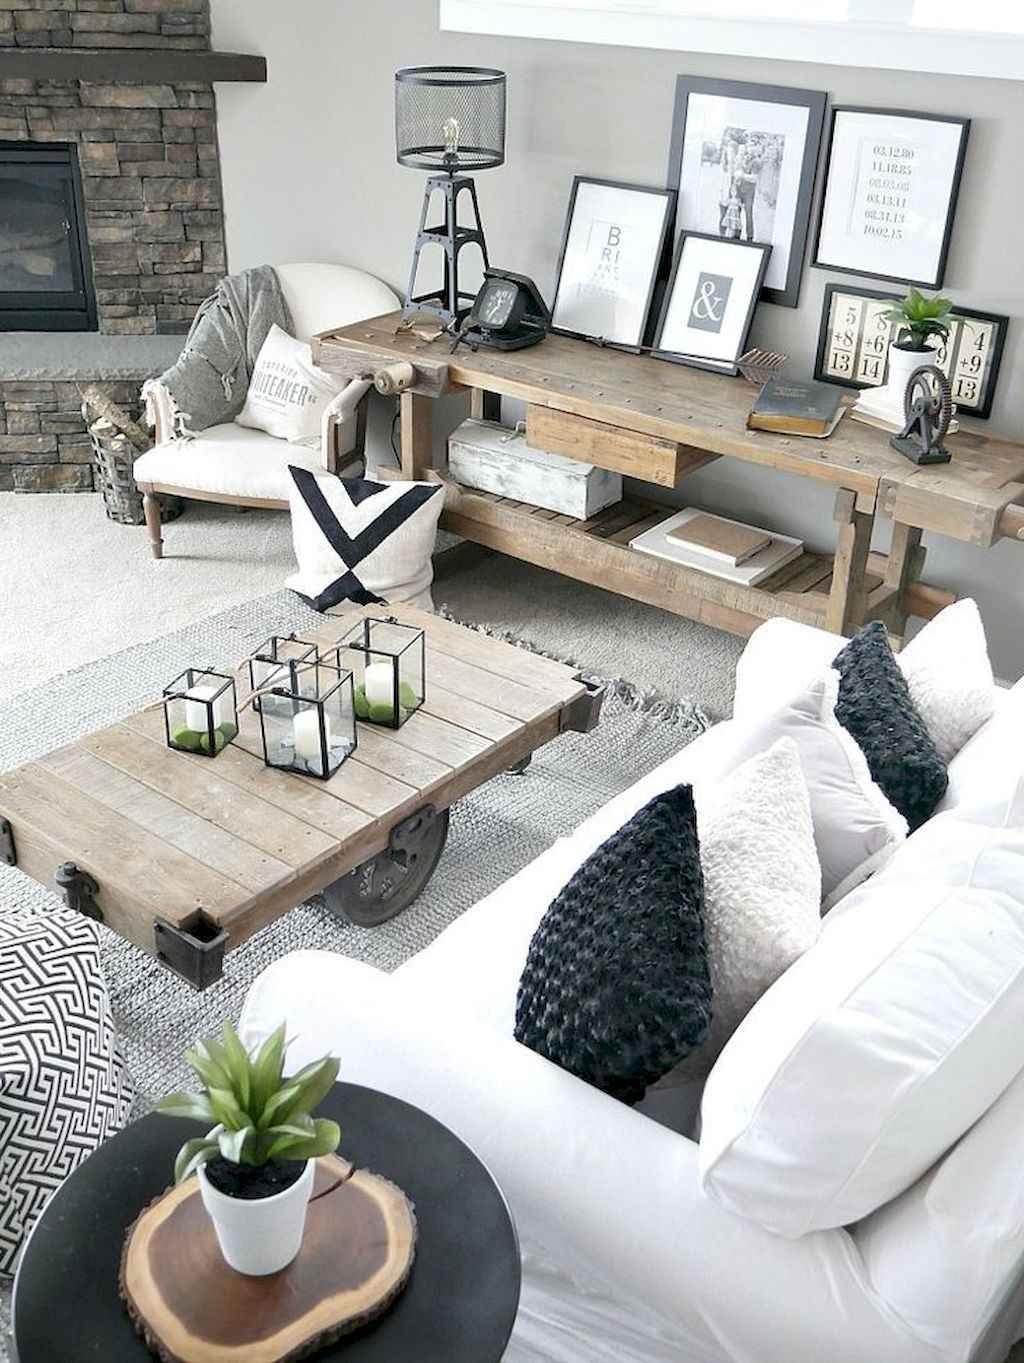 Fresh Rustic Interior Design Ideas Living Room: 90 Rustic Modern Farmhouse Living Room Decor Ideas